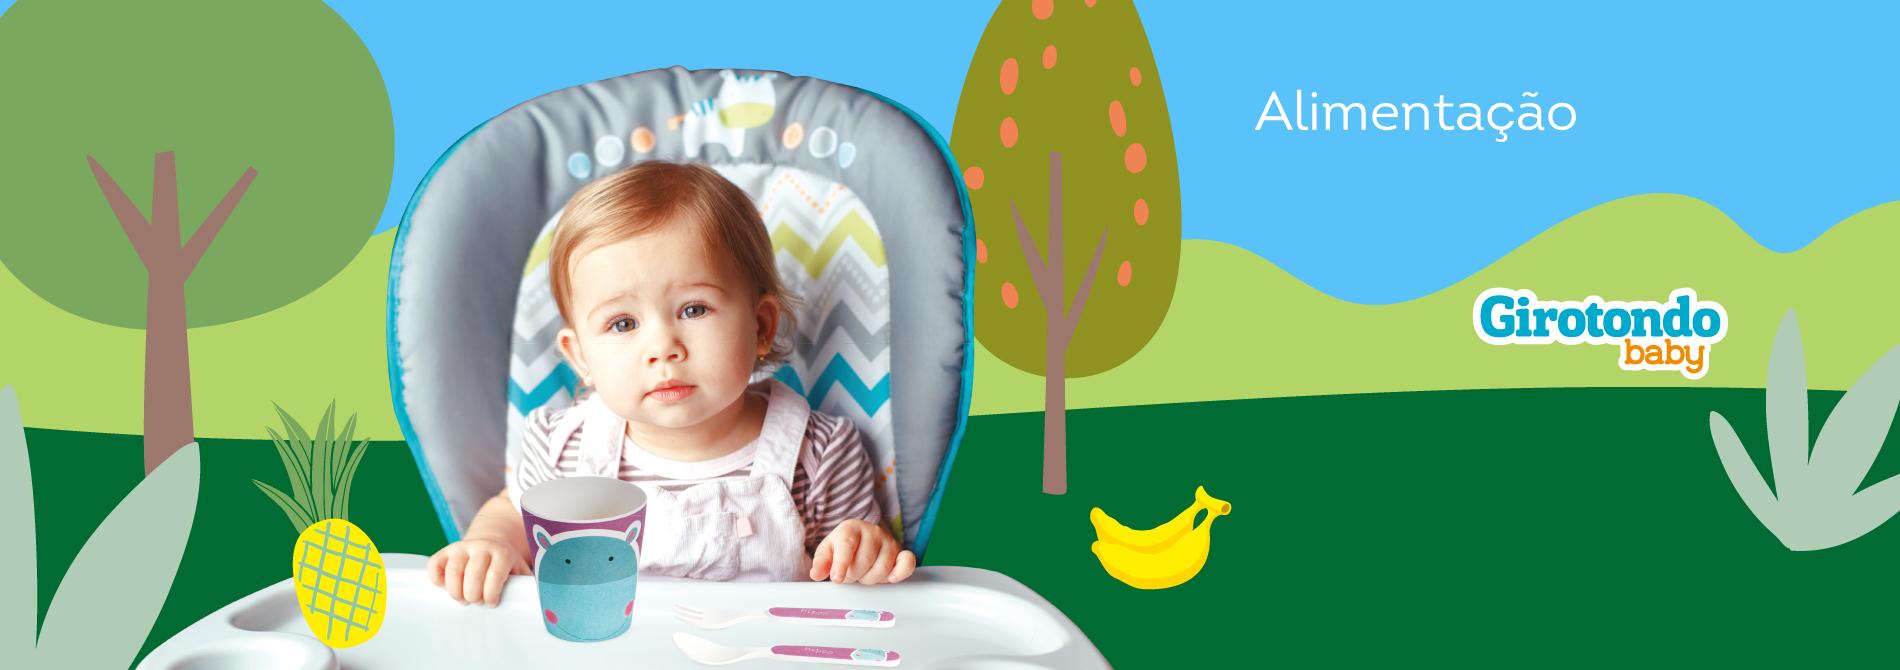 Produtos de alimentação da marca Girotondo Baby